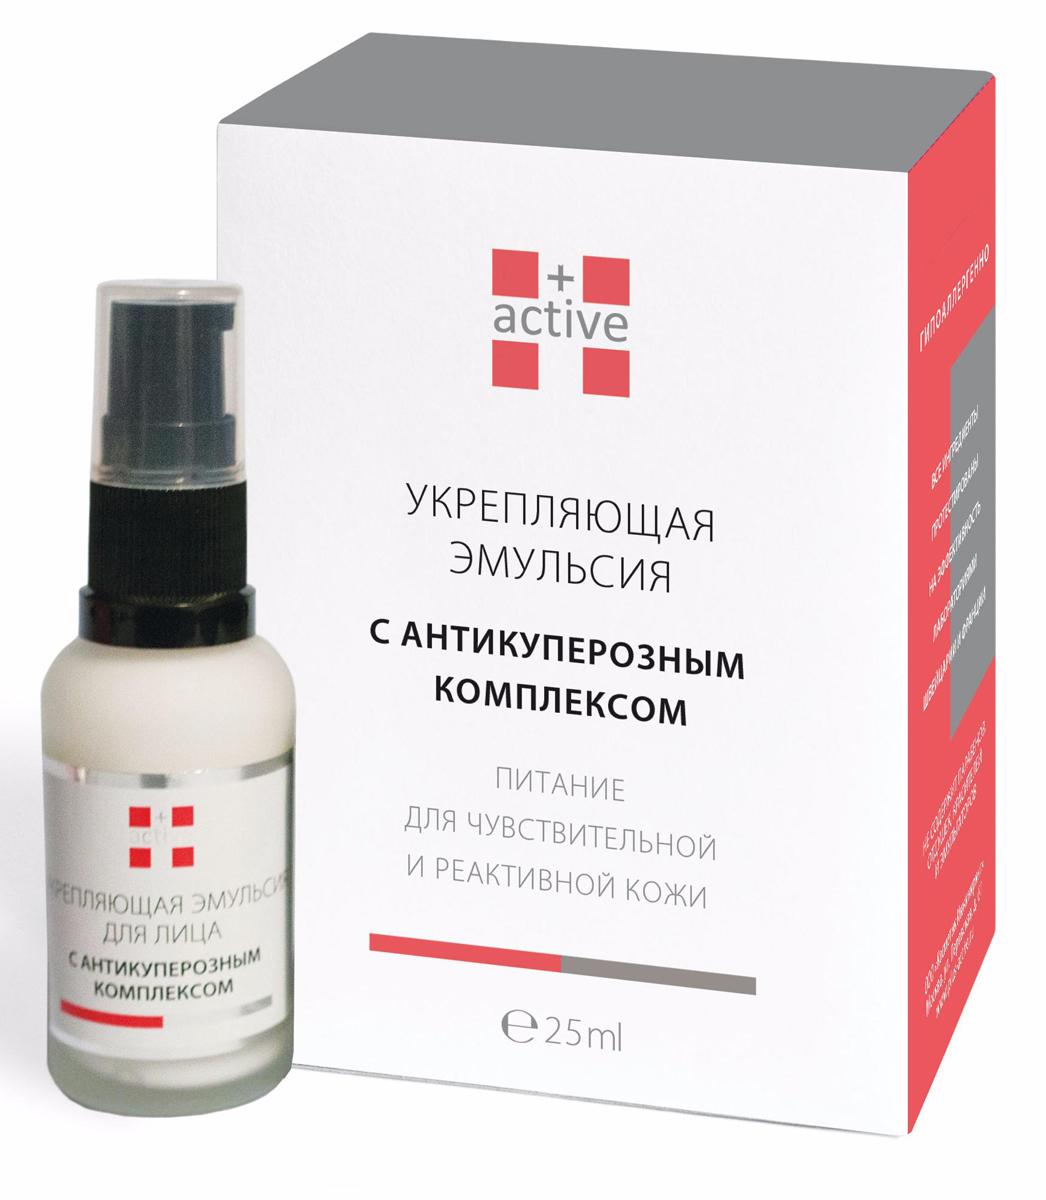 +Active Укрепляющая эмульсия с антикуперозным комплексом 25 млFS-00897Укрепляющая эмульсия с антикуперозным комплексом от +ACTIVE обеспечивает питание для чувствительной и реактивной кожи склонной к сосудистым проявлениям. Предназначена для ежедневного питания, увлажнения, защиты и укрепления кожи склонной к сосудистым проявлениям и периодическому покраснению в результате негативного воздействия окружающей среды. Благодаря натуральным инновационным ингредиентам обладает приятной текстурой с питательным, увлажняющим и успокаивающим действием. Средство идеально сочетается с фирменными концентратами и флюидами.